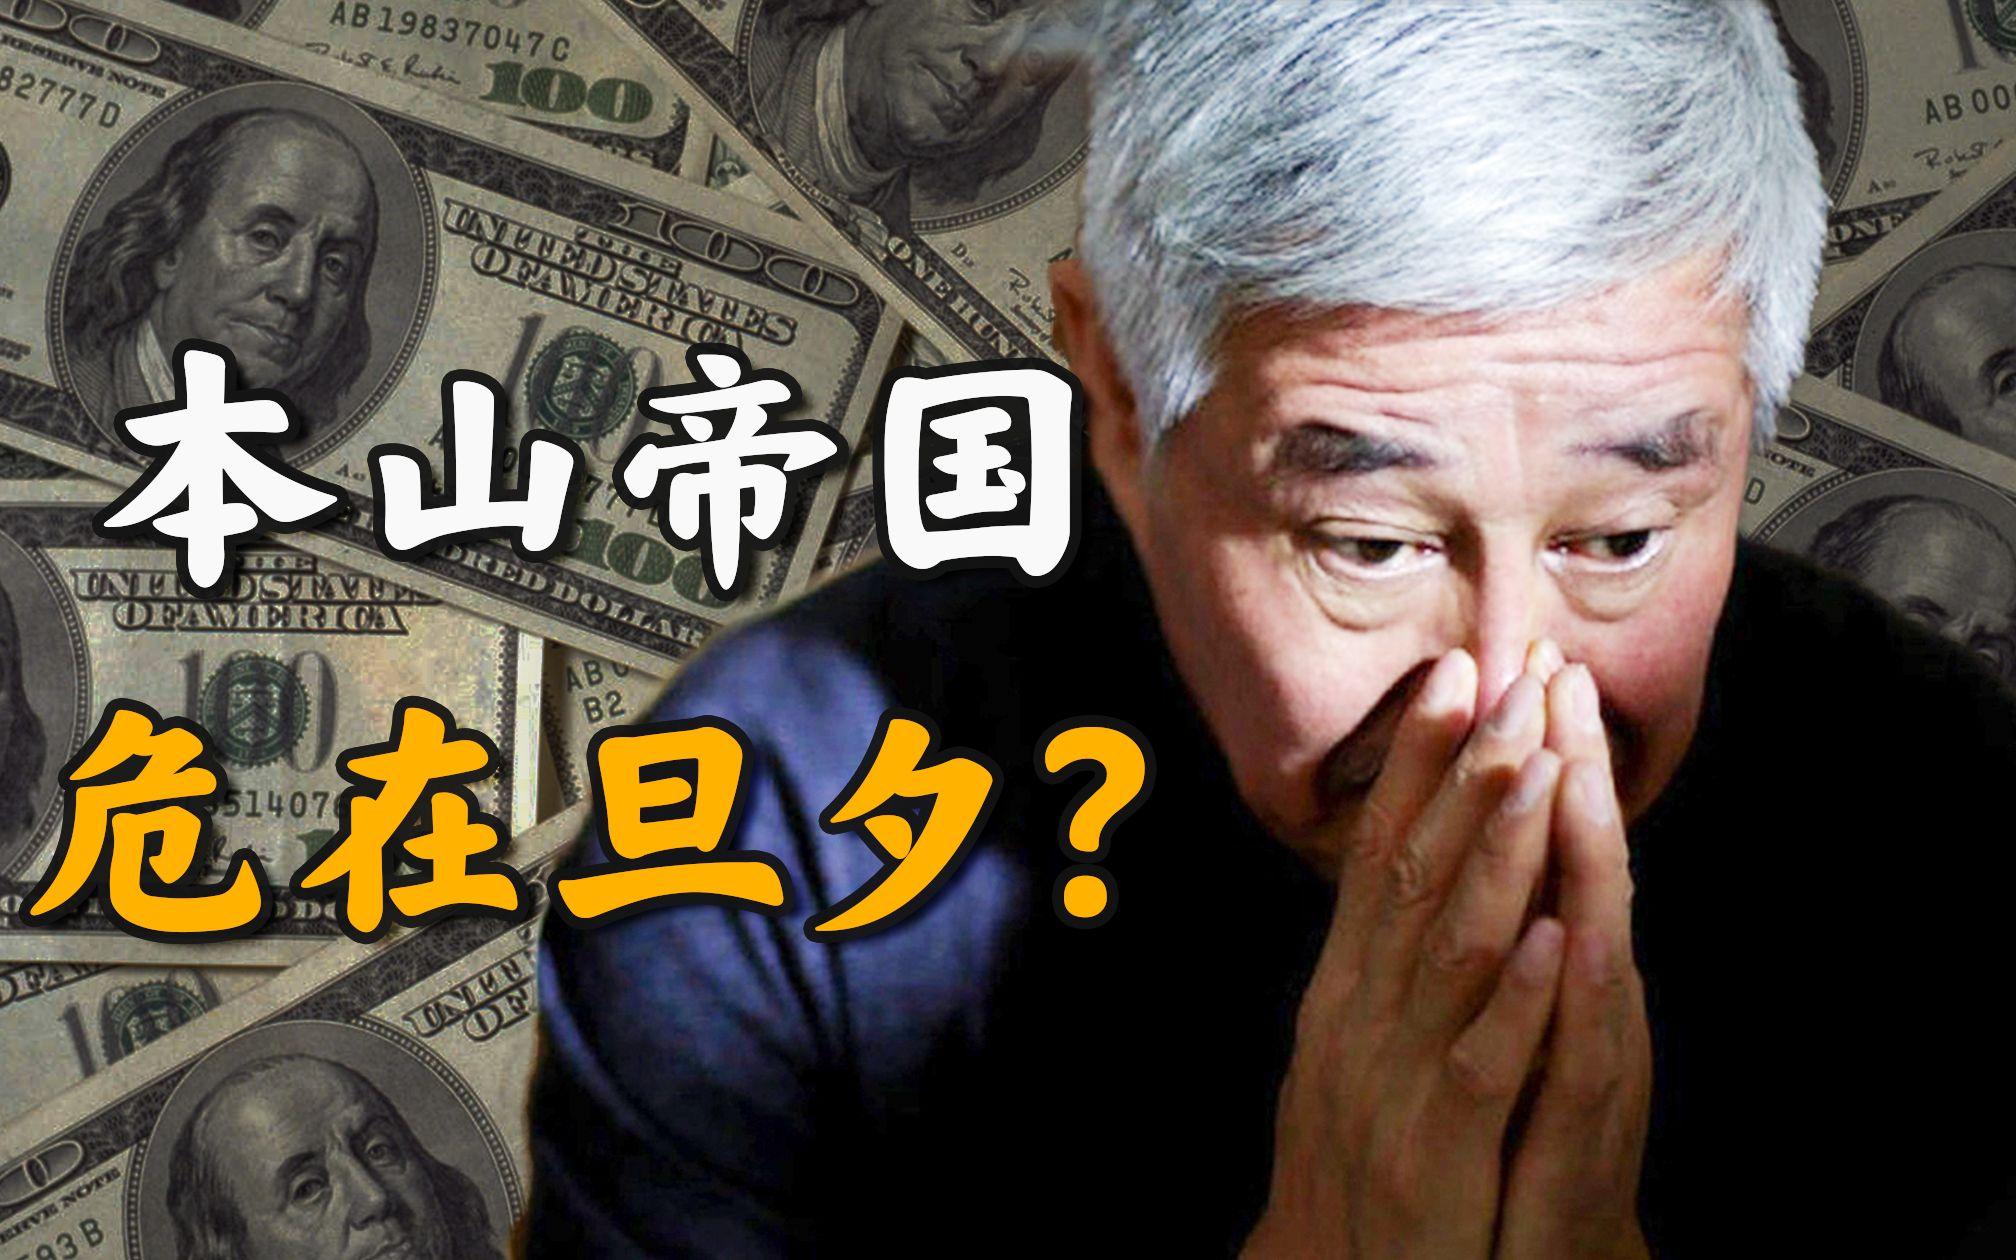 暴富、退隐、清算: 赵本山背后的300亿资本迷局【资本镰刀02】